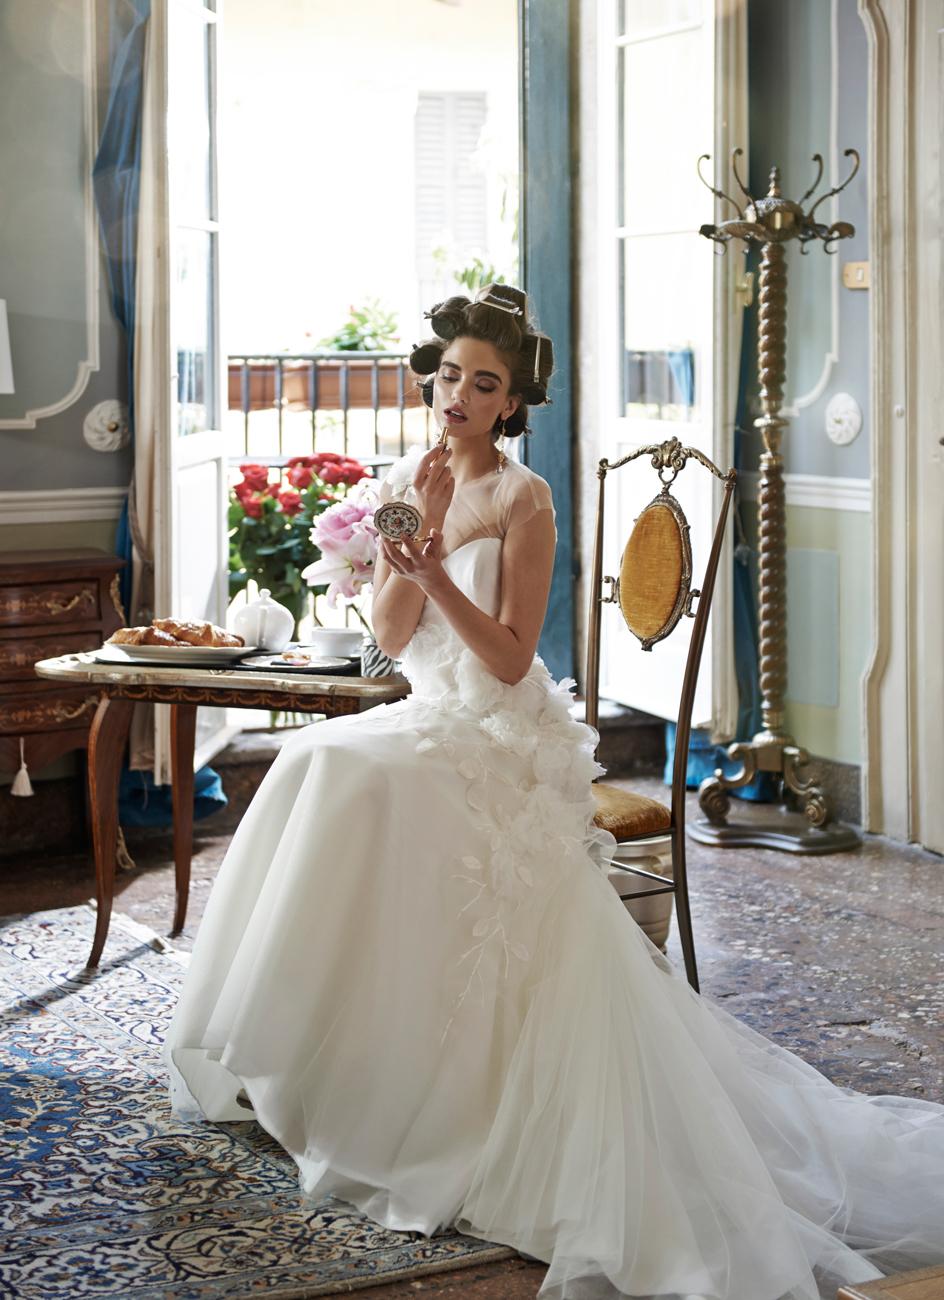 mit vigyek az esküvőre, Menyasszony dilemma: Mit vigyek magammal az esküvőmre?